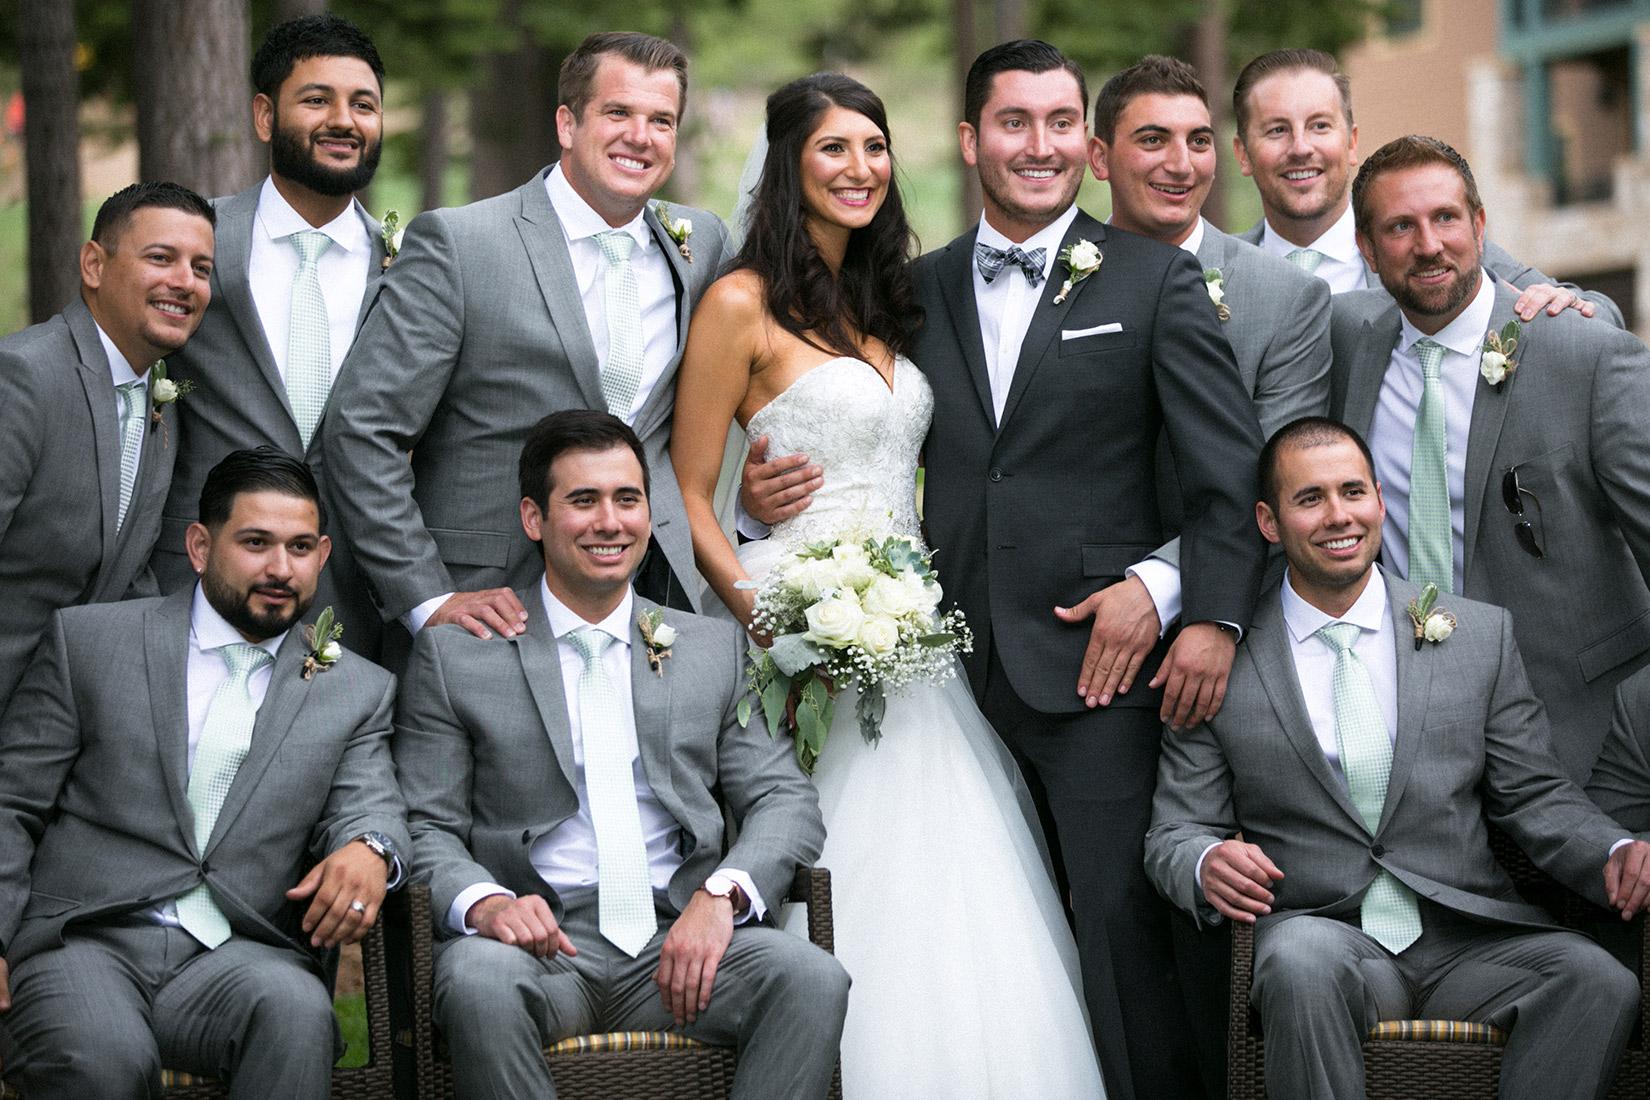 Tahoe-Ritz-groom-with-bride-and-groomsmen